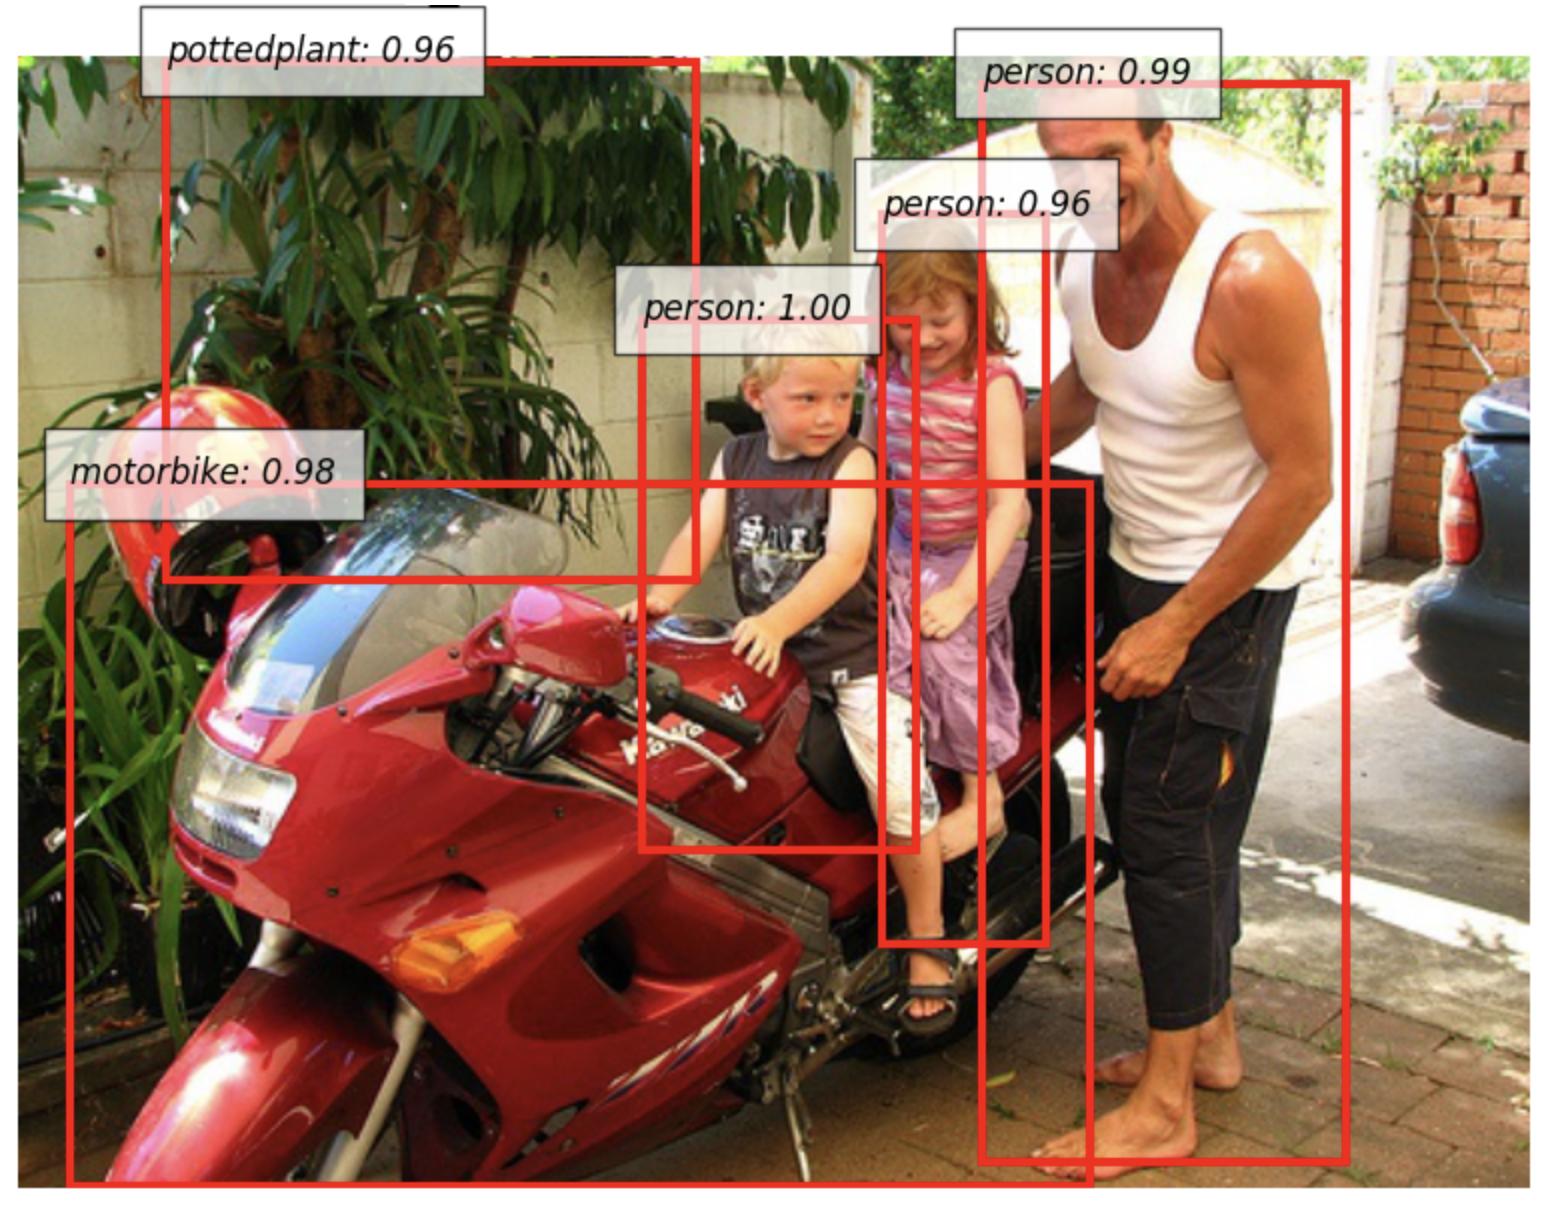 物体検出の例